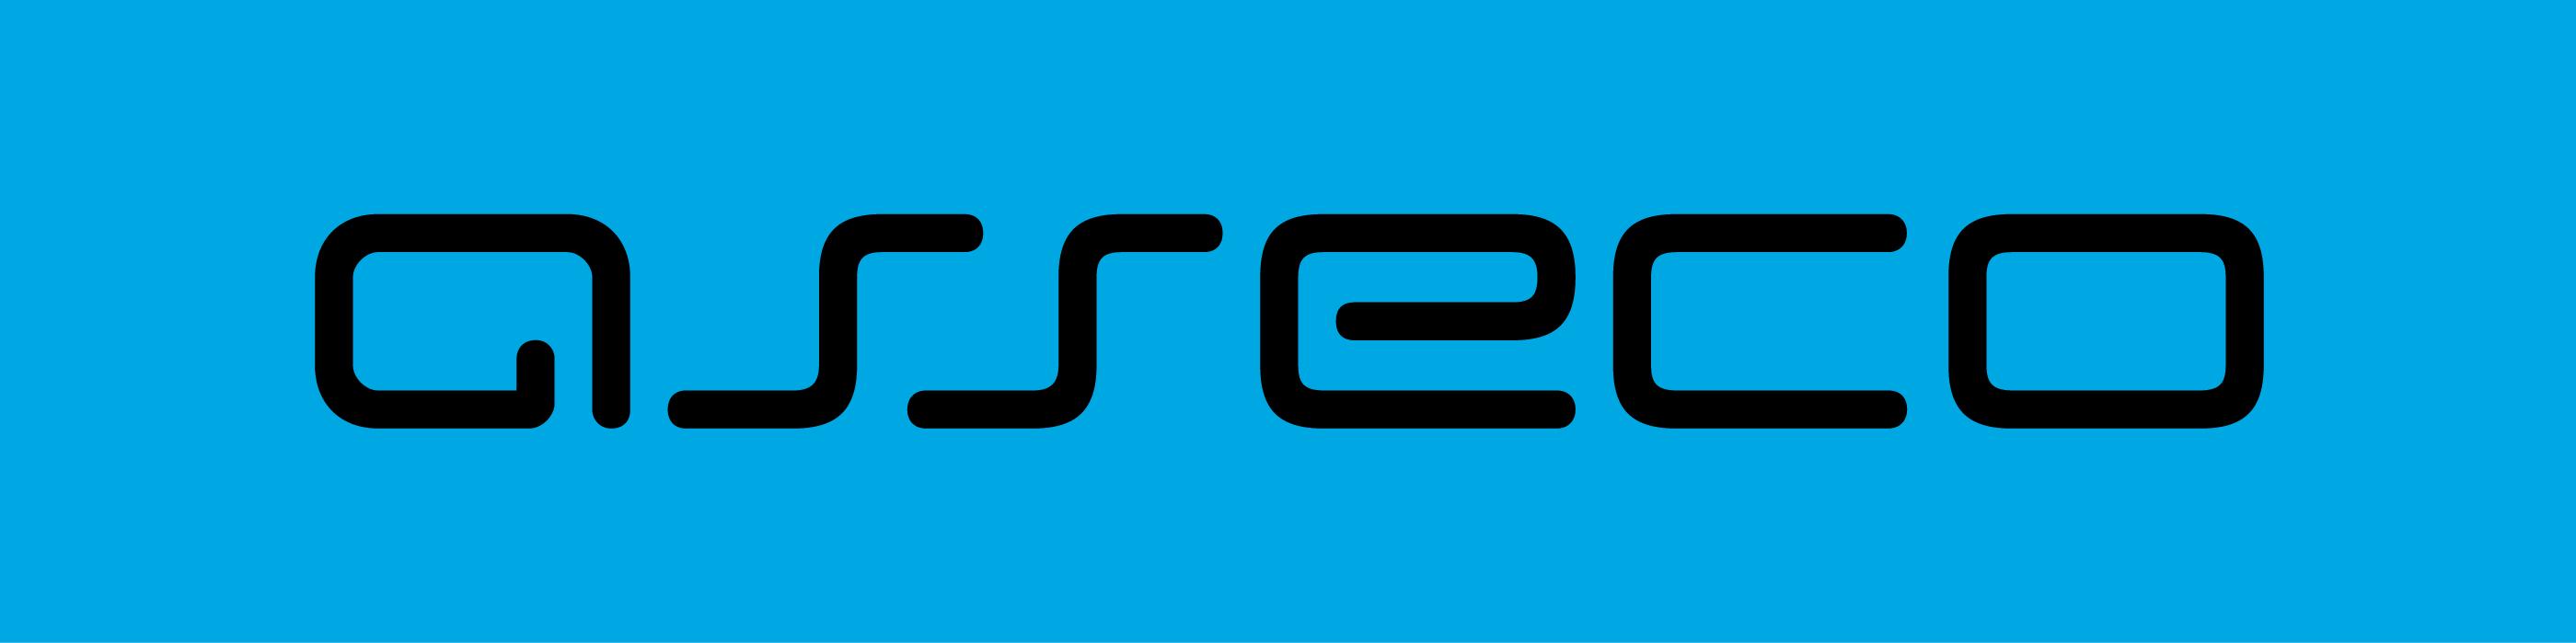 Asseco Lietuva - informacinės sistemos reiklioms organizacijoms